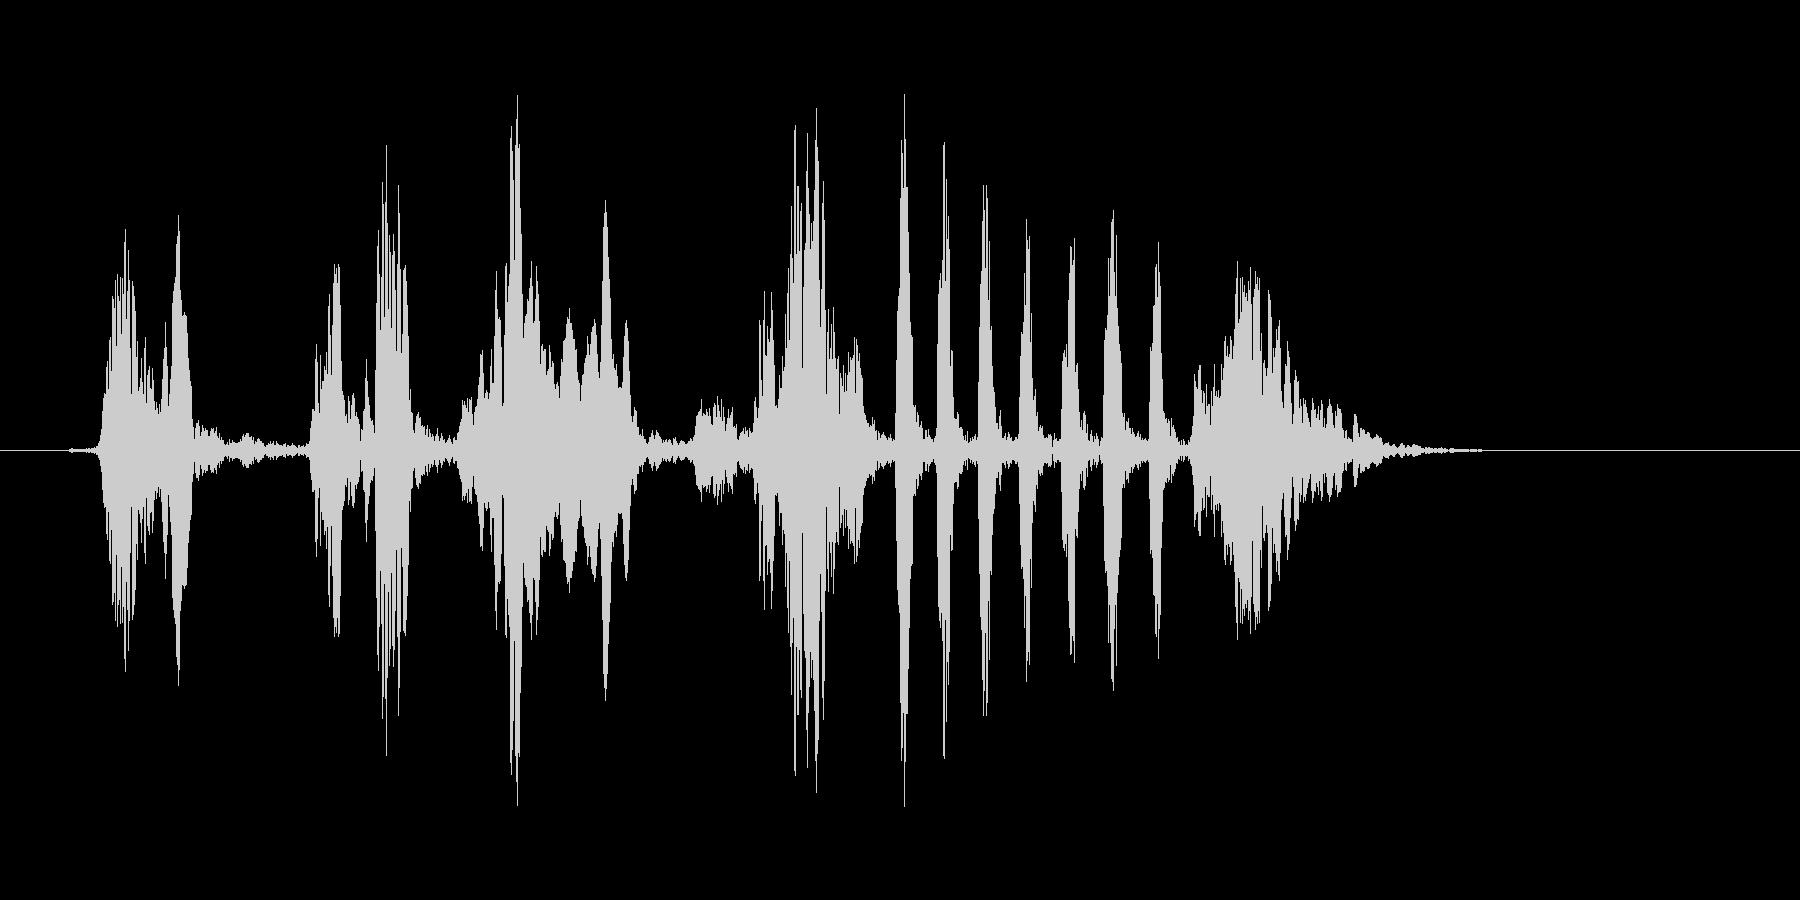 野鳥のさえずり(生録)の未再生の波形